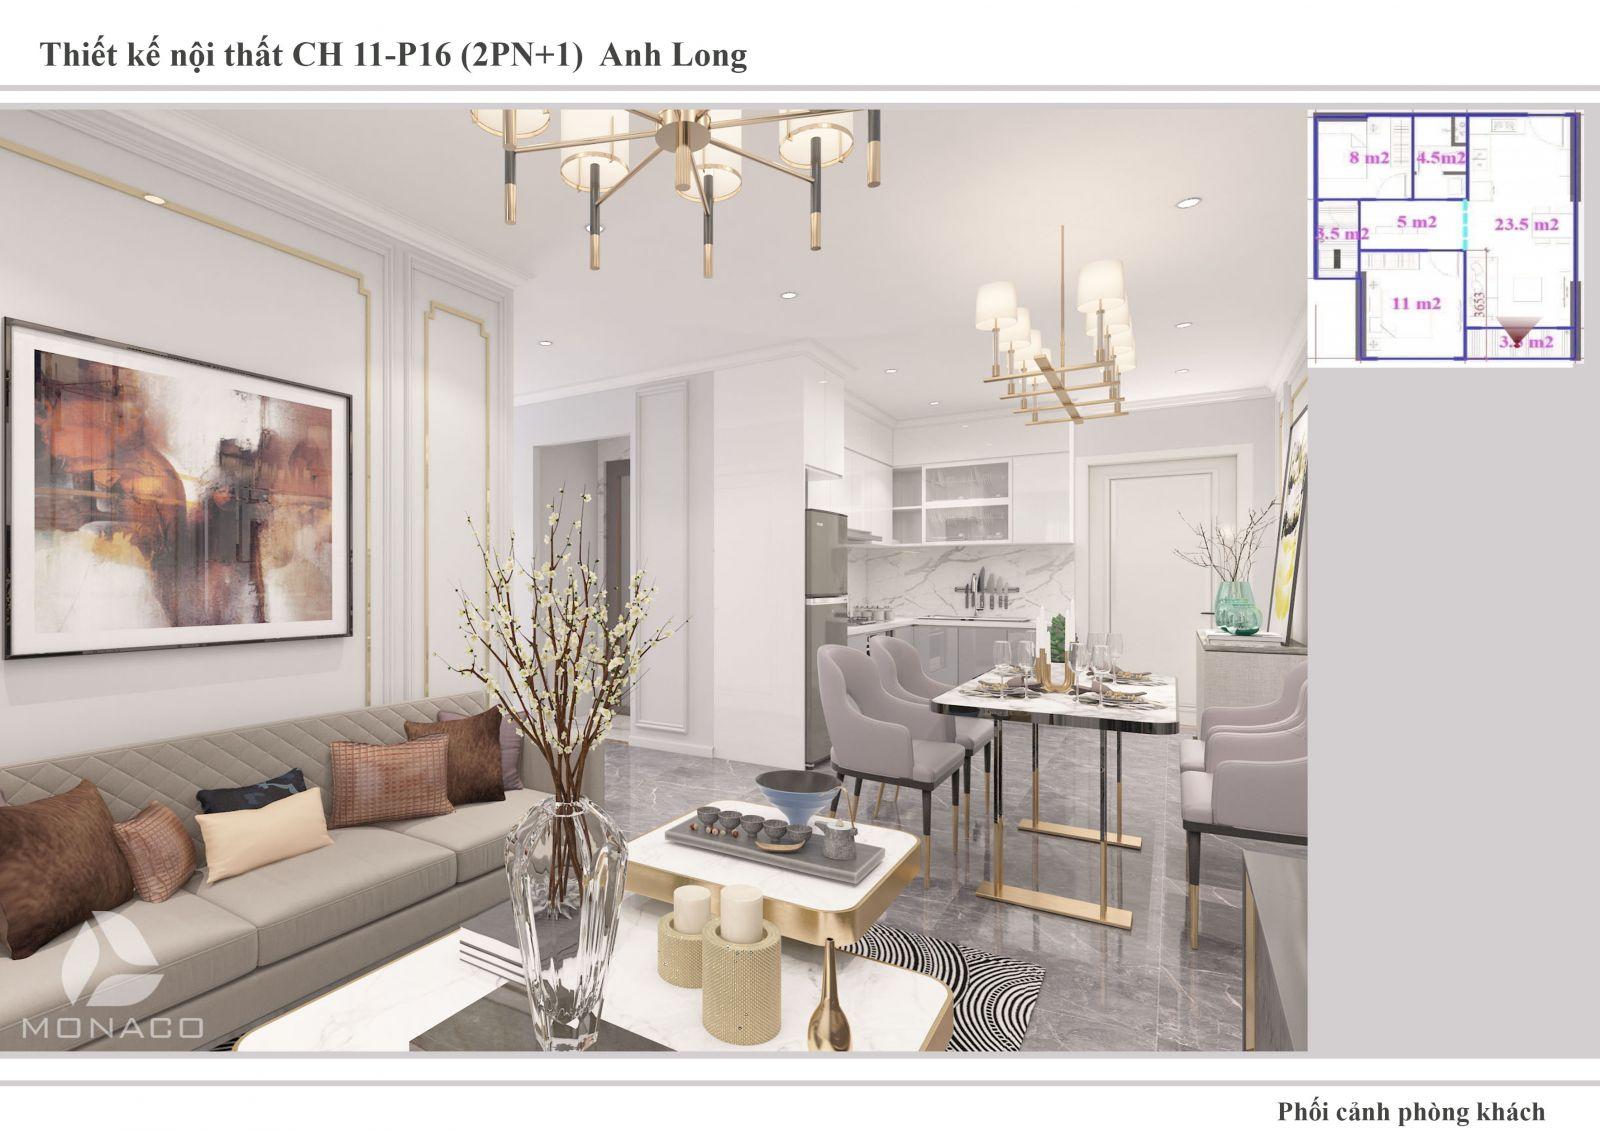 Thiết kế nội thất phòng khách chung cư Vinhomes Ocean Park